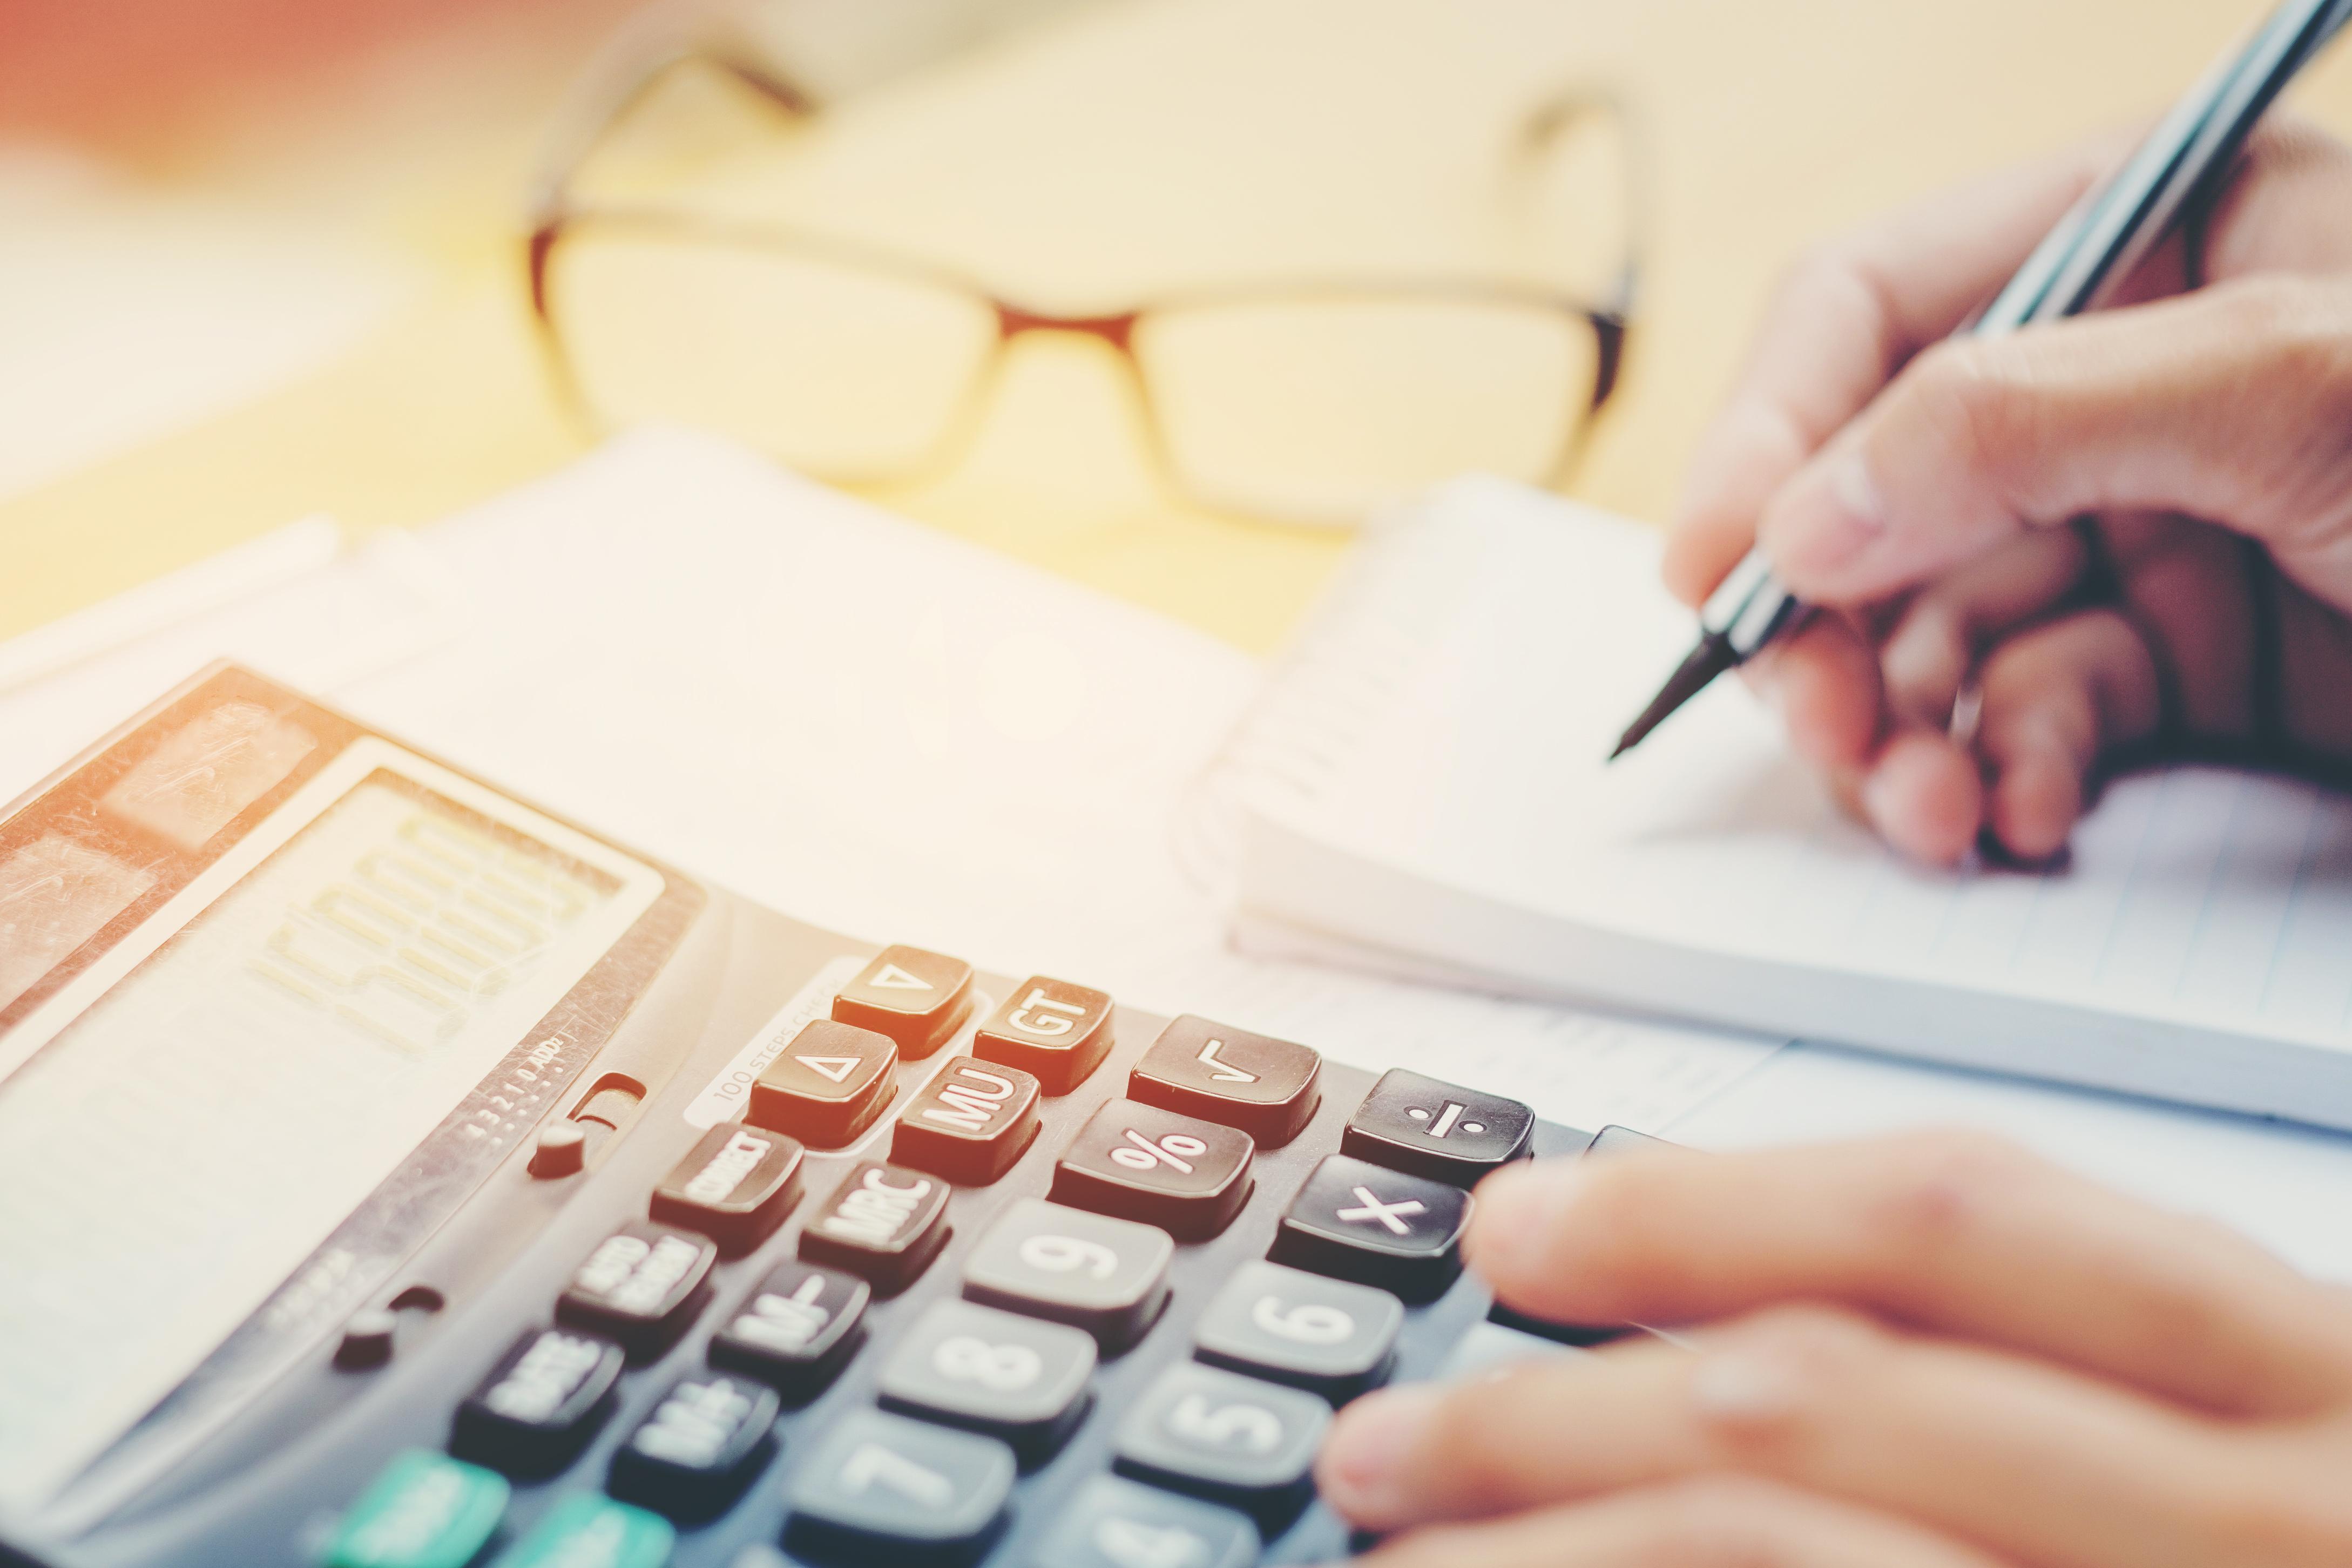 Custo de Aquisição de Clientes e Life Time Value: vender mais ou vender melhor?